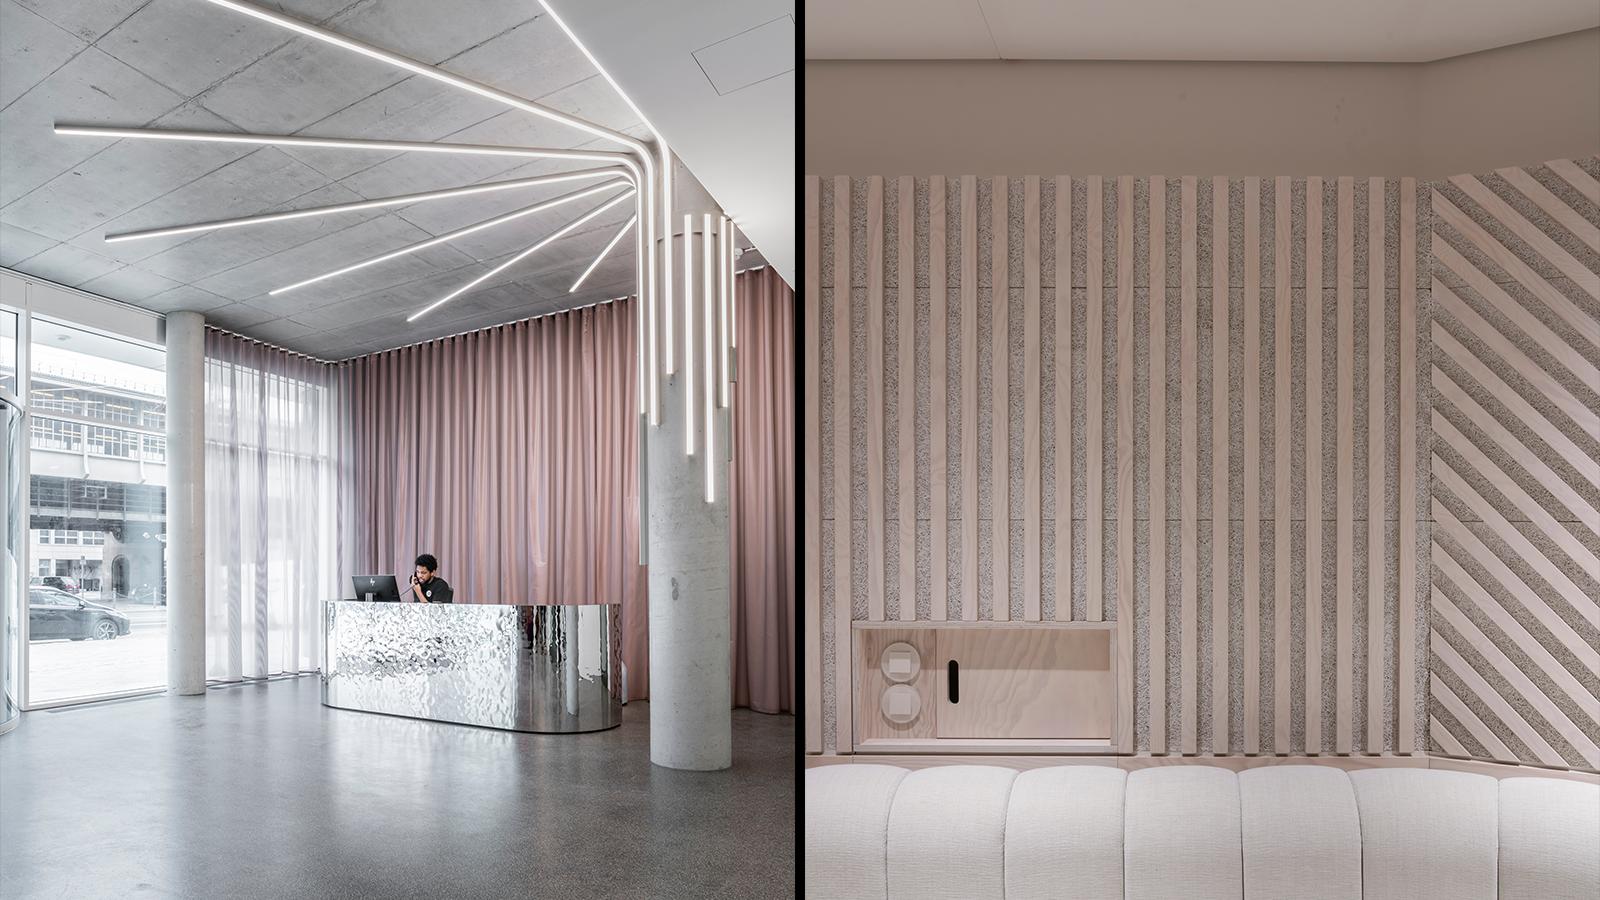 Headquarter Sony Music Group: Kühle Eleganz im Foyer und Weichheit im White Room mit Riesensofa.